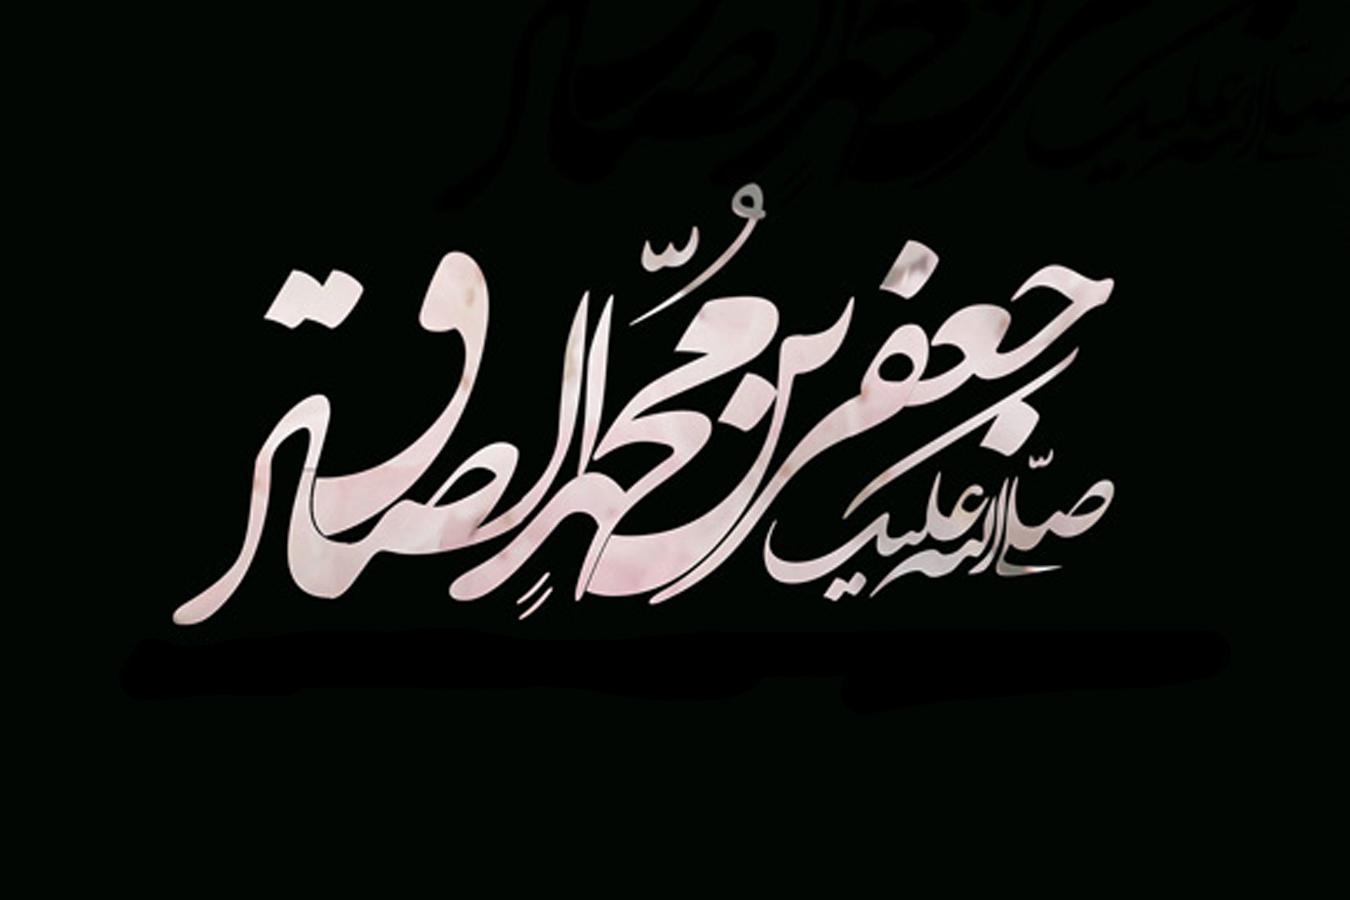 «شیعه اثنی عشری» به چه کسانی میگویند؟ / امام صادق (ع) چند فرزند داشت؟